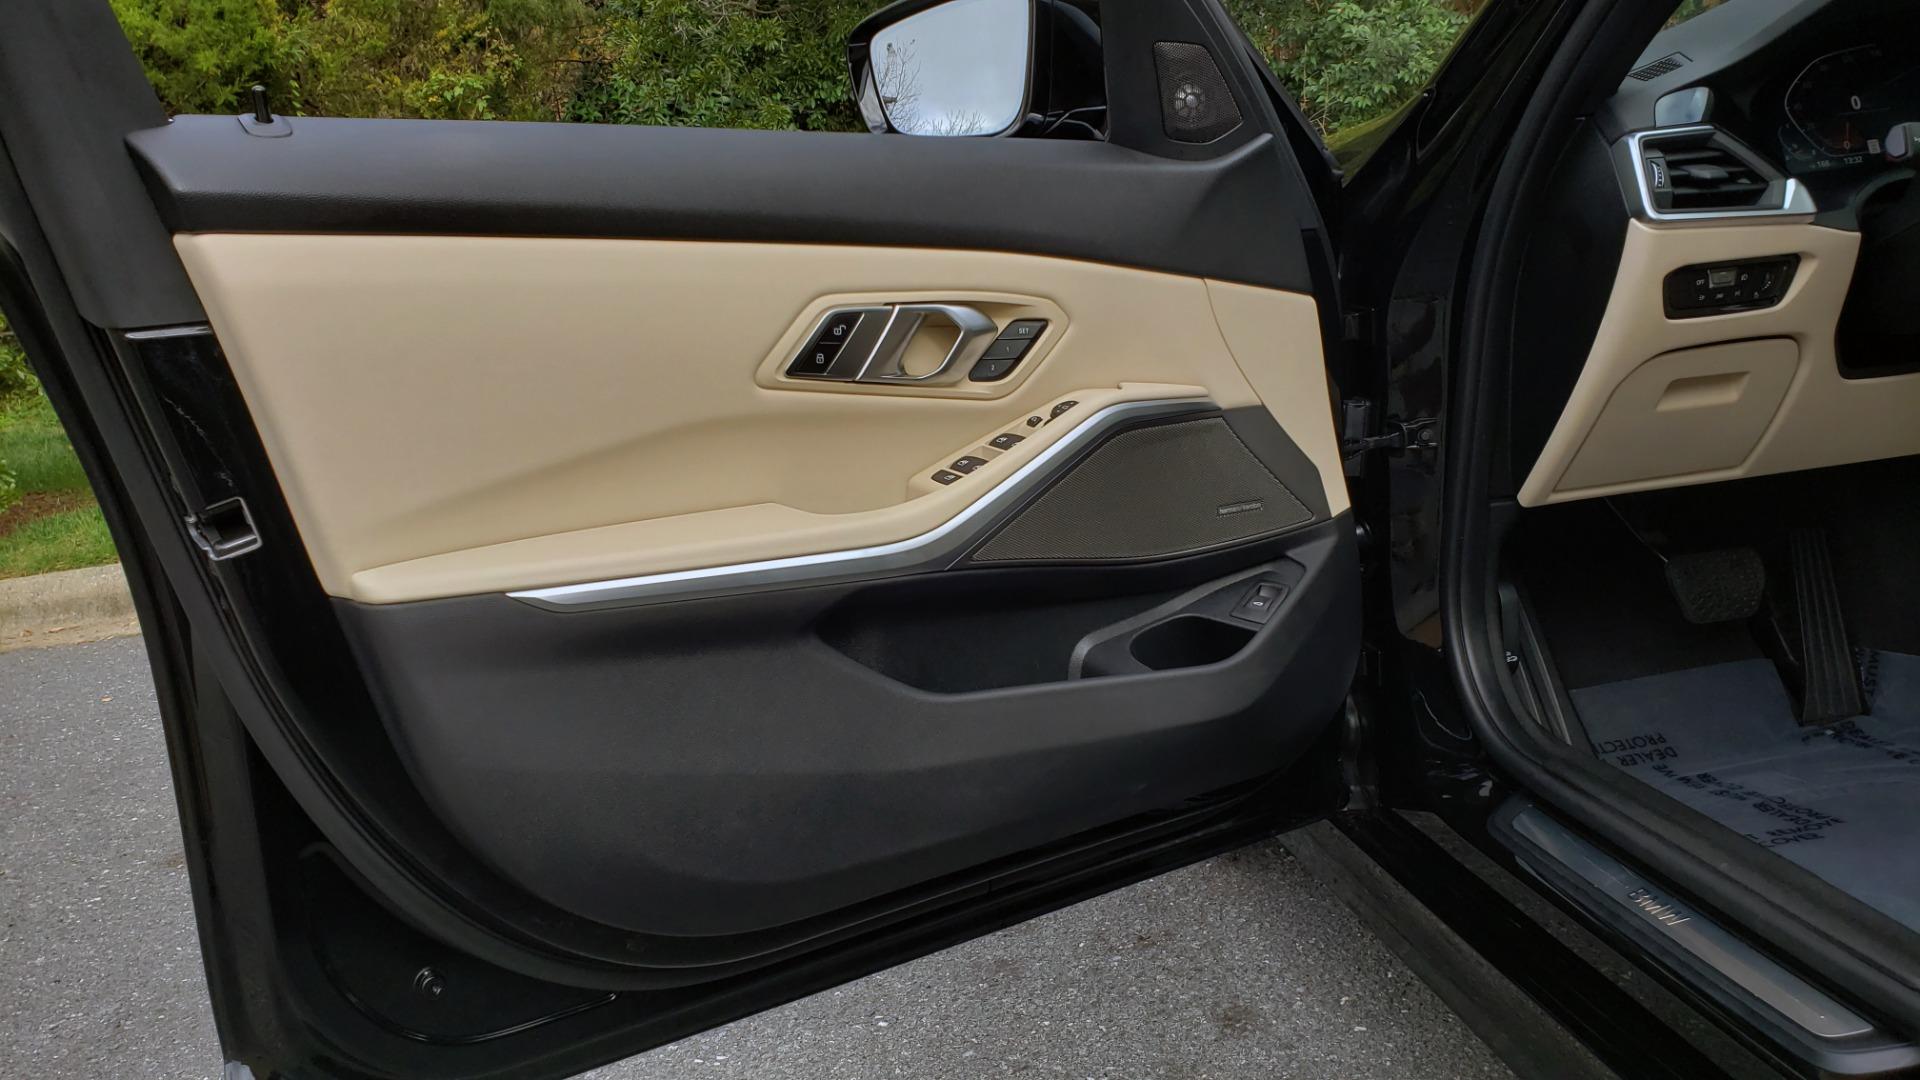 Used 2019 BMW 3 SERIES 330I PREM PKG / NAV / CONV PKG / H&K SND / LIVE COCKPIT PRO for sale Sold at Formula Imports in Charlotte NC 28227 30